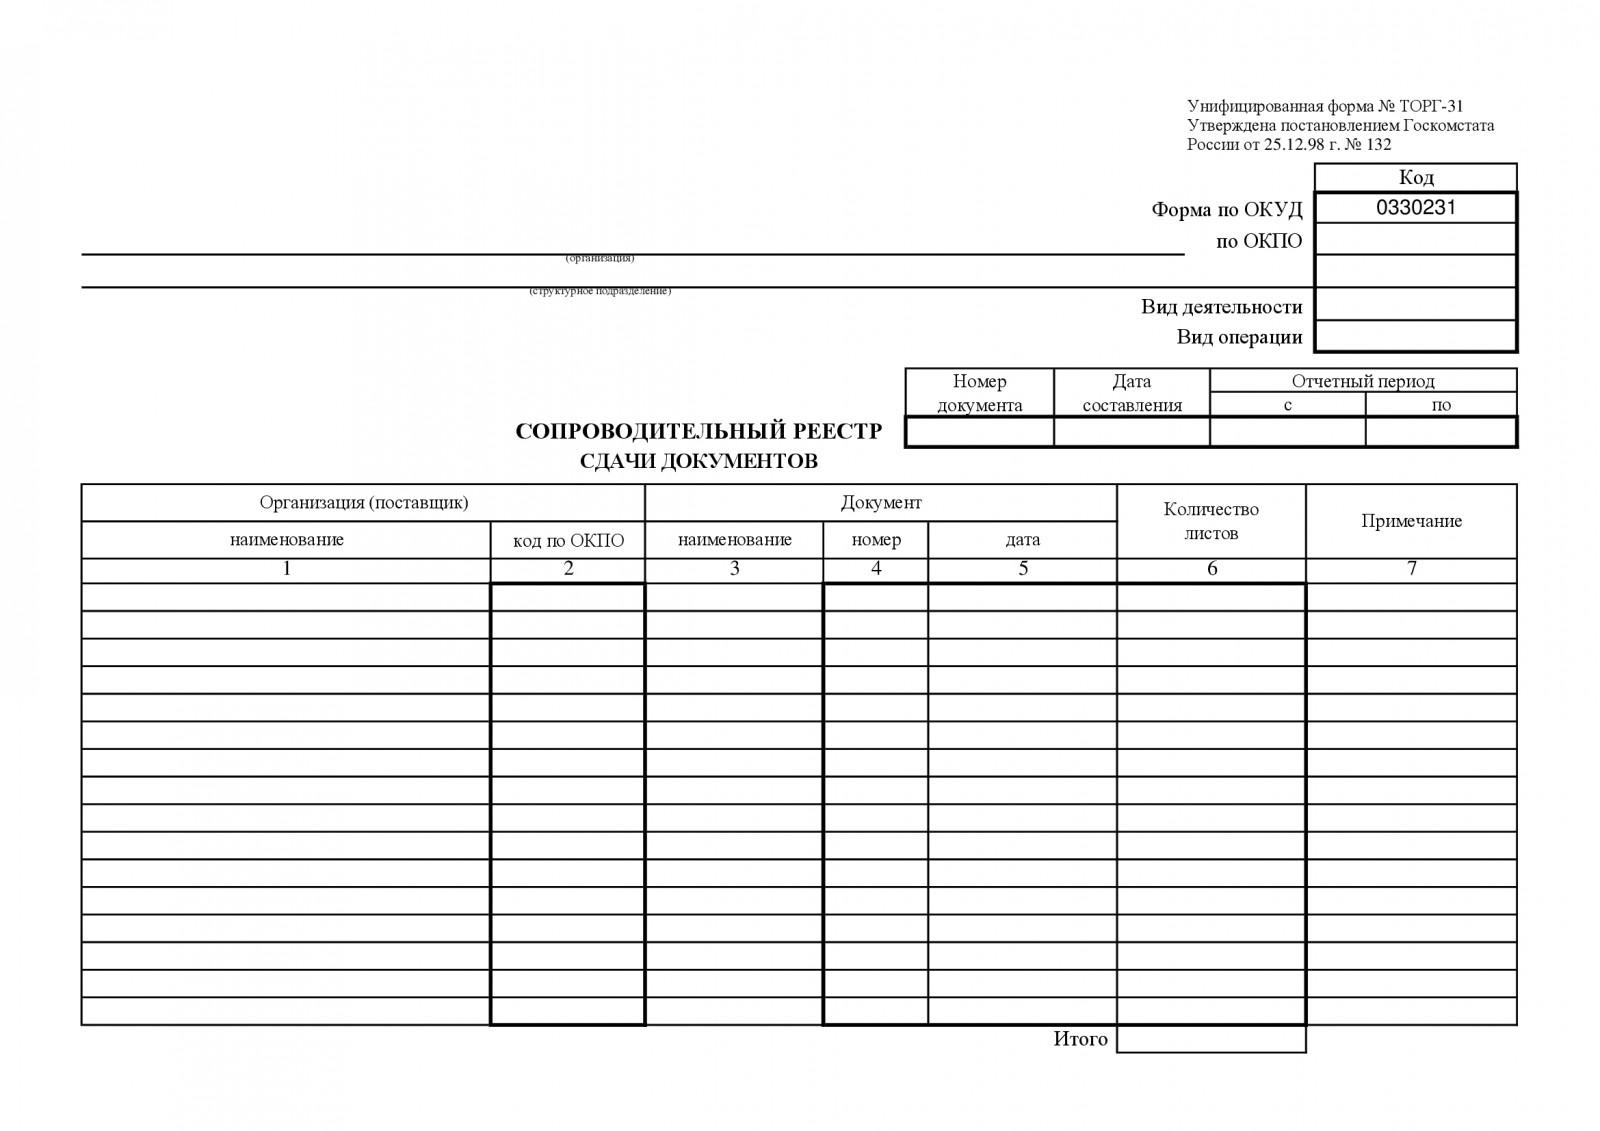 реестр сдачи документов в бухгалтерию образец